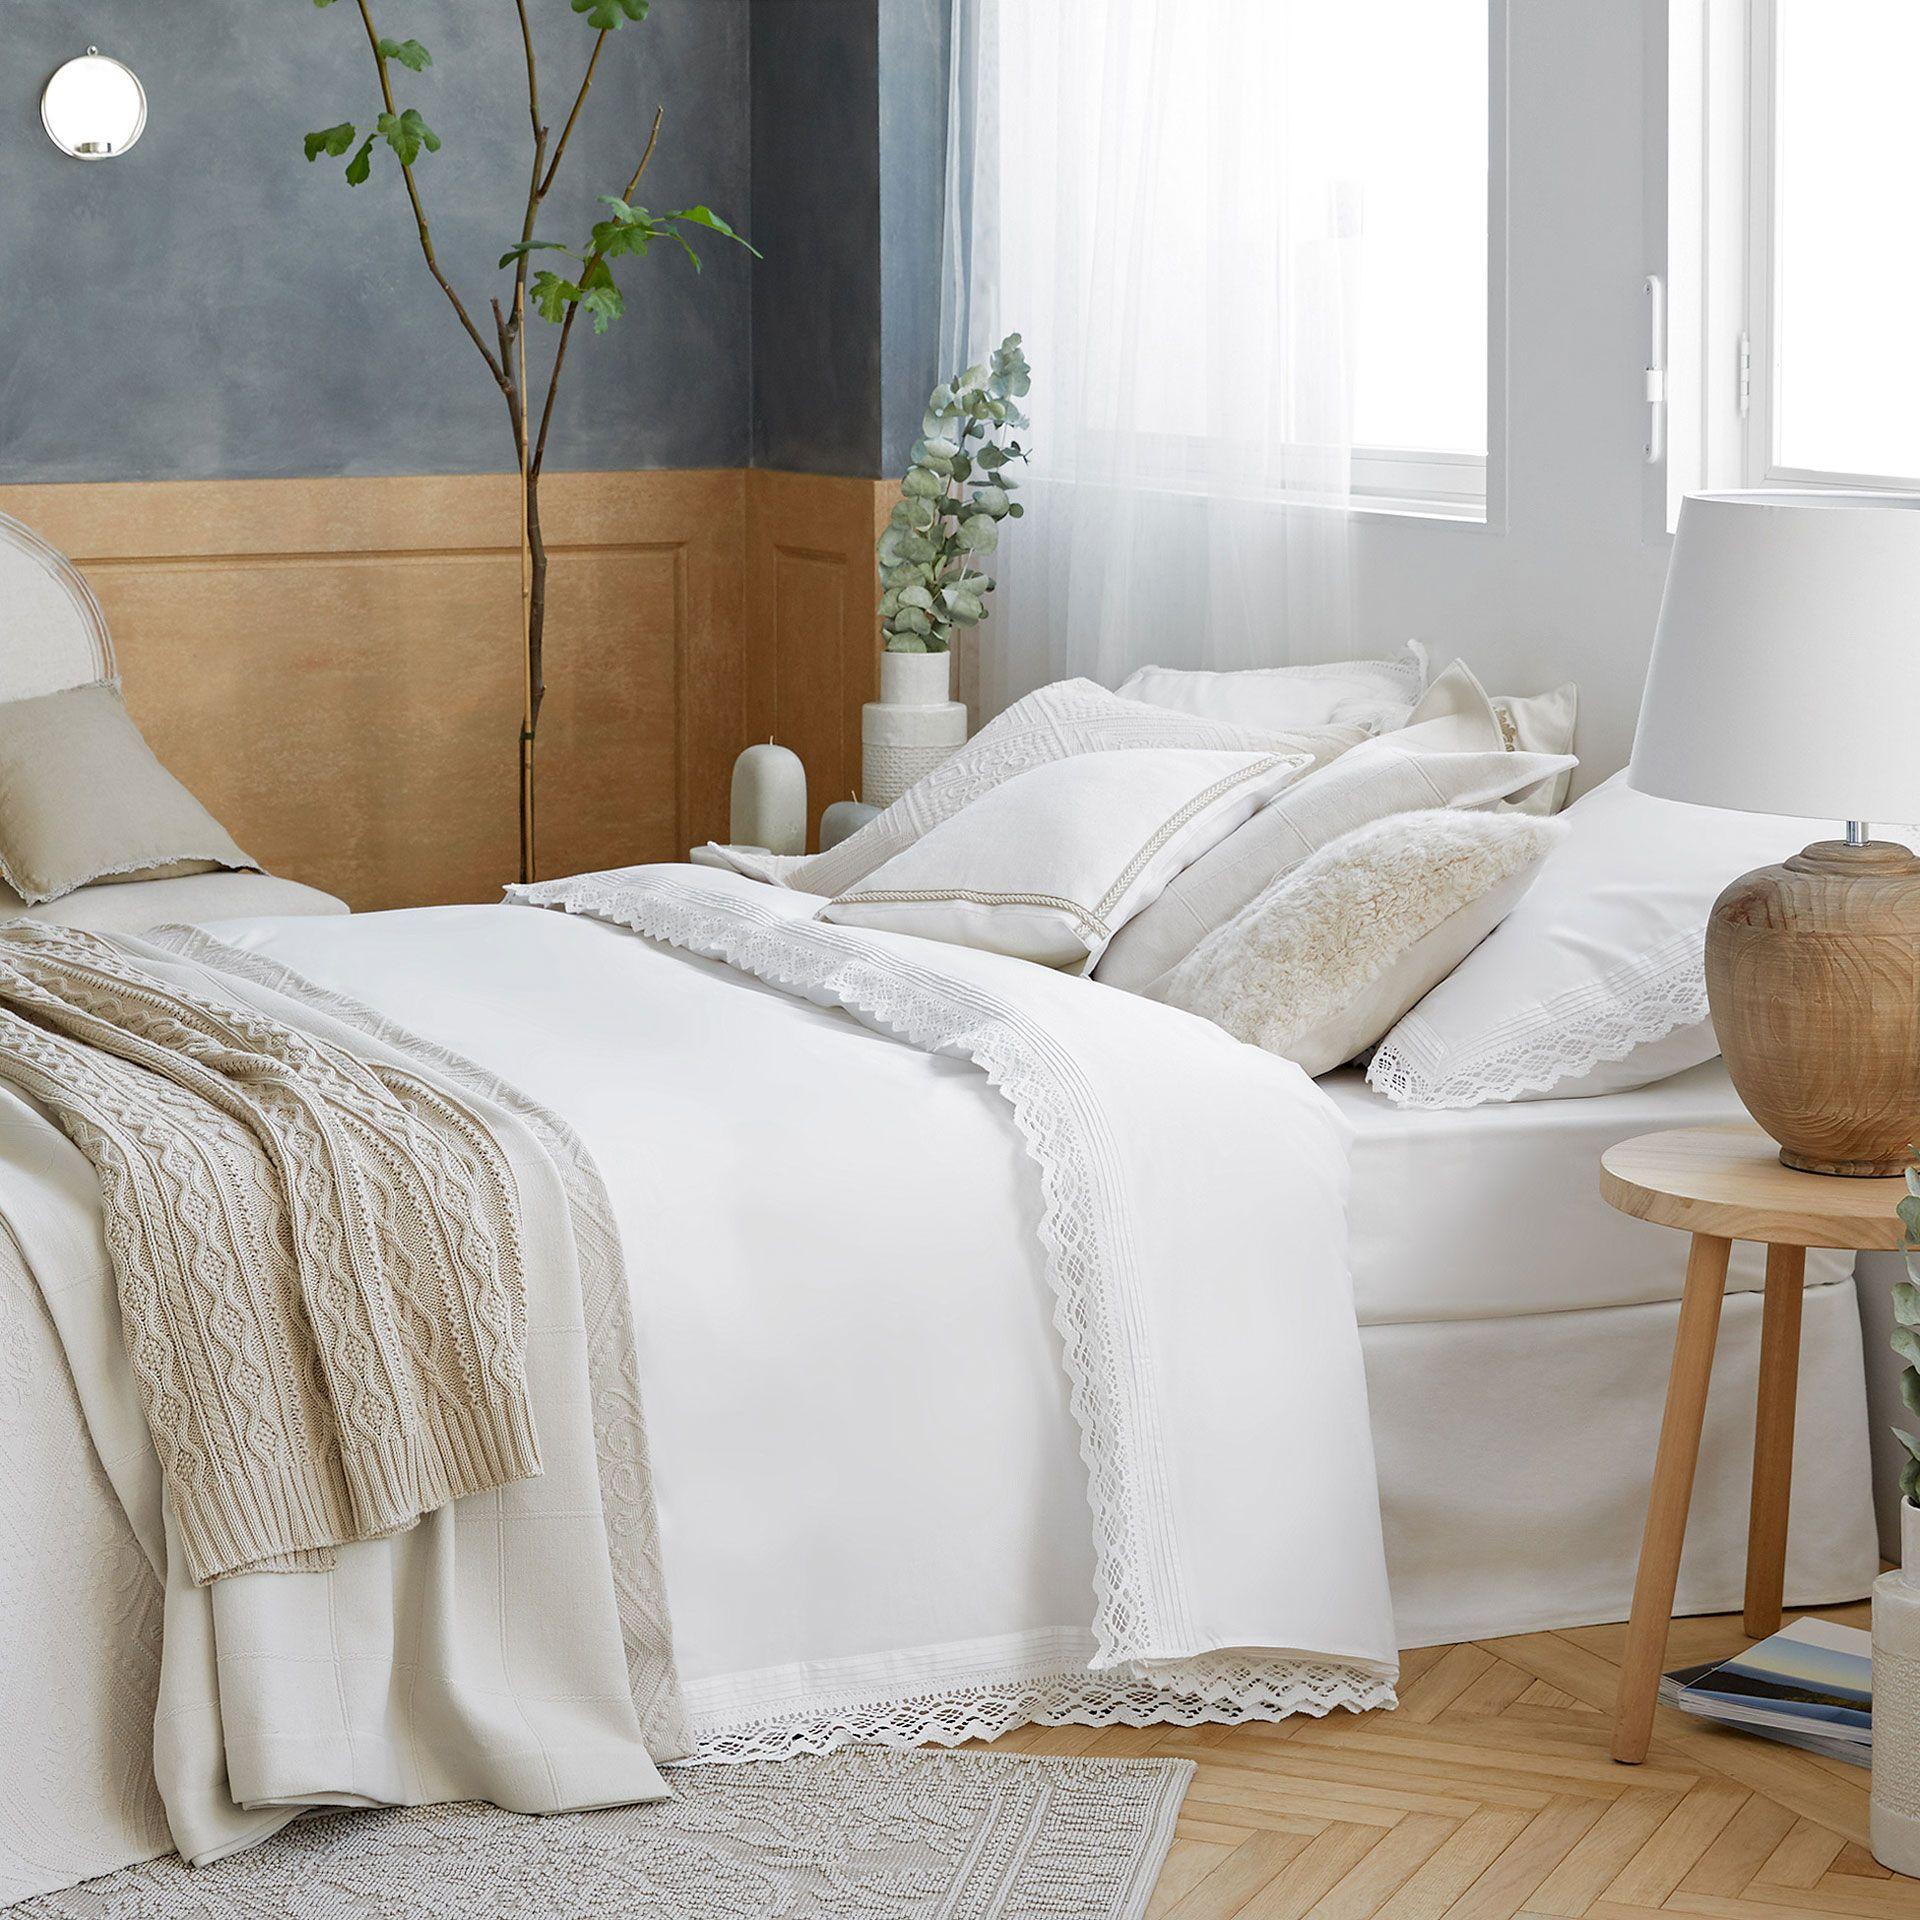 ein hauch mode f r ihr schlafzimmer mit rosa blauen. Black Bedroom Furniture Sets. Home Design Ideas